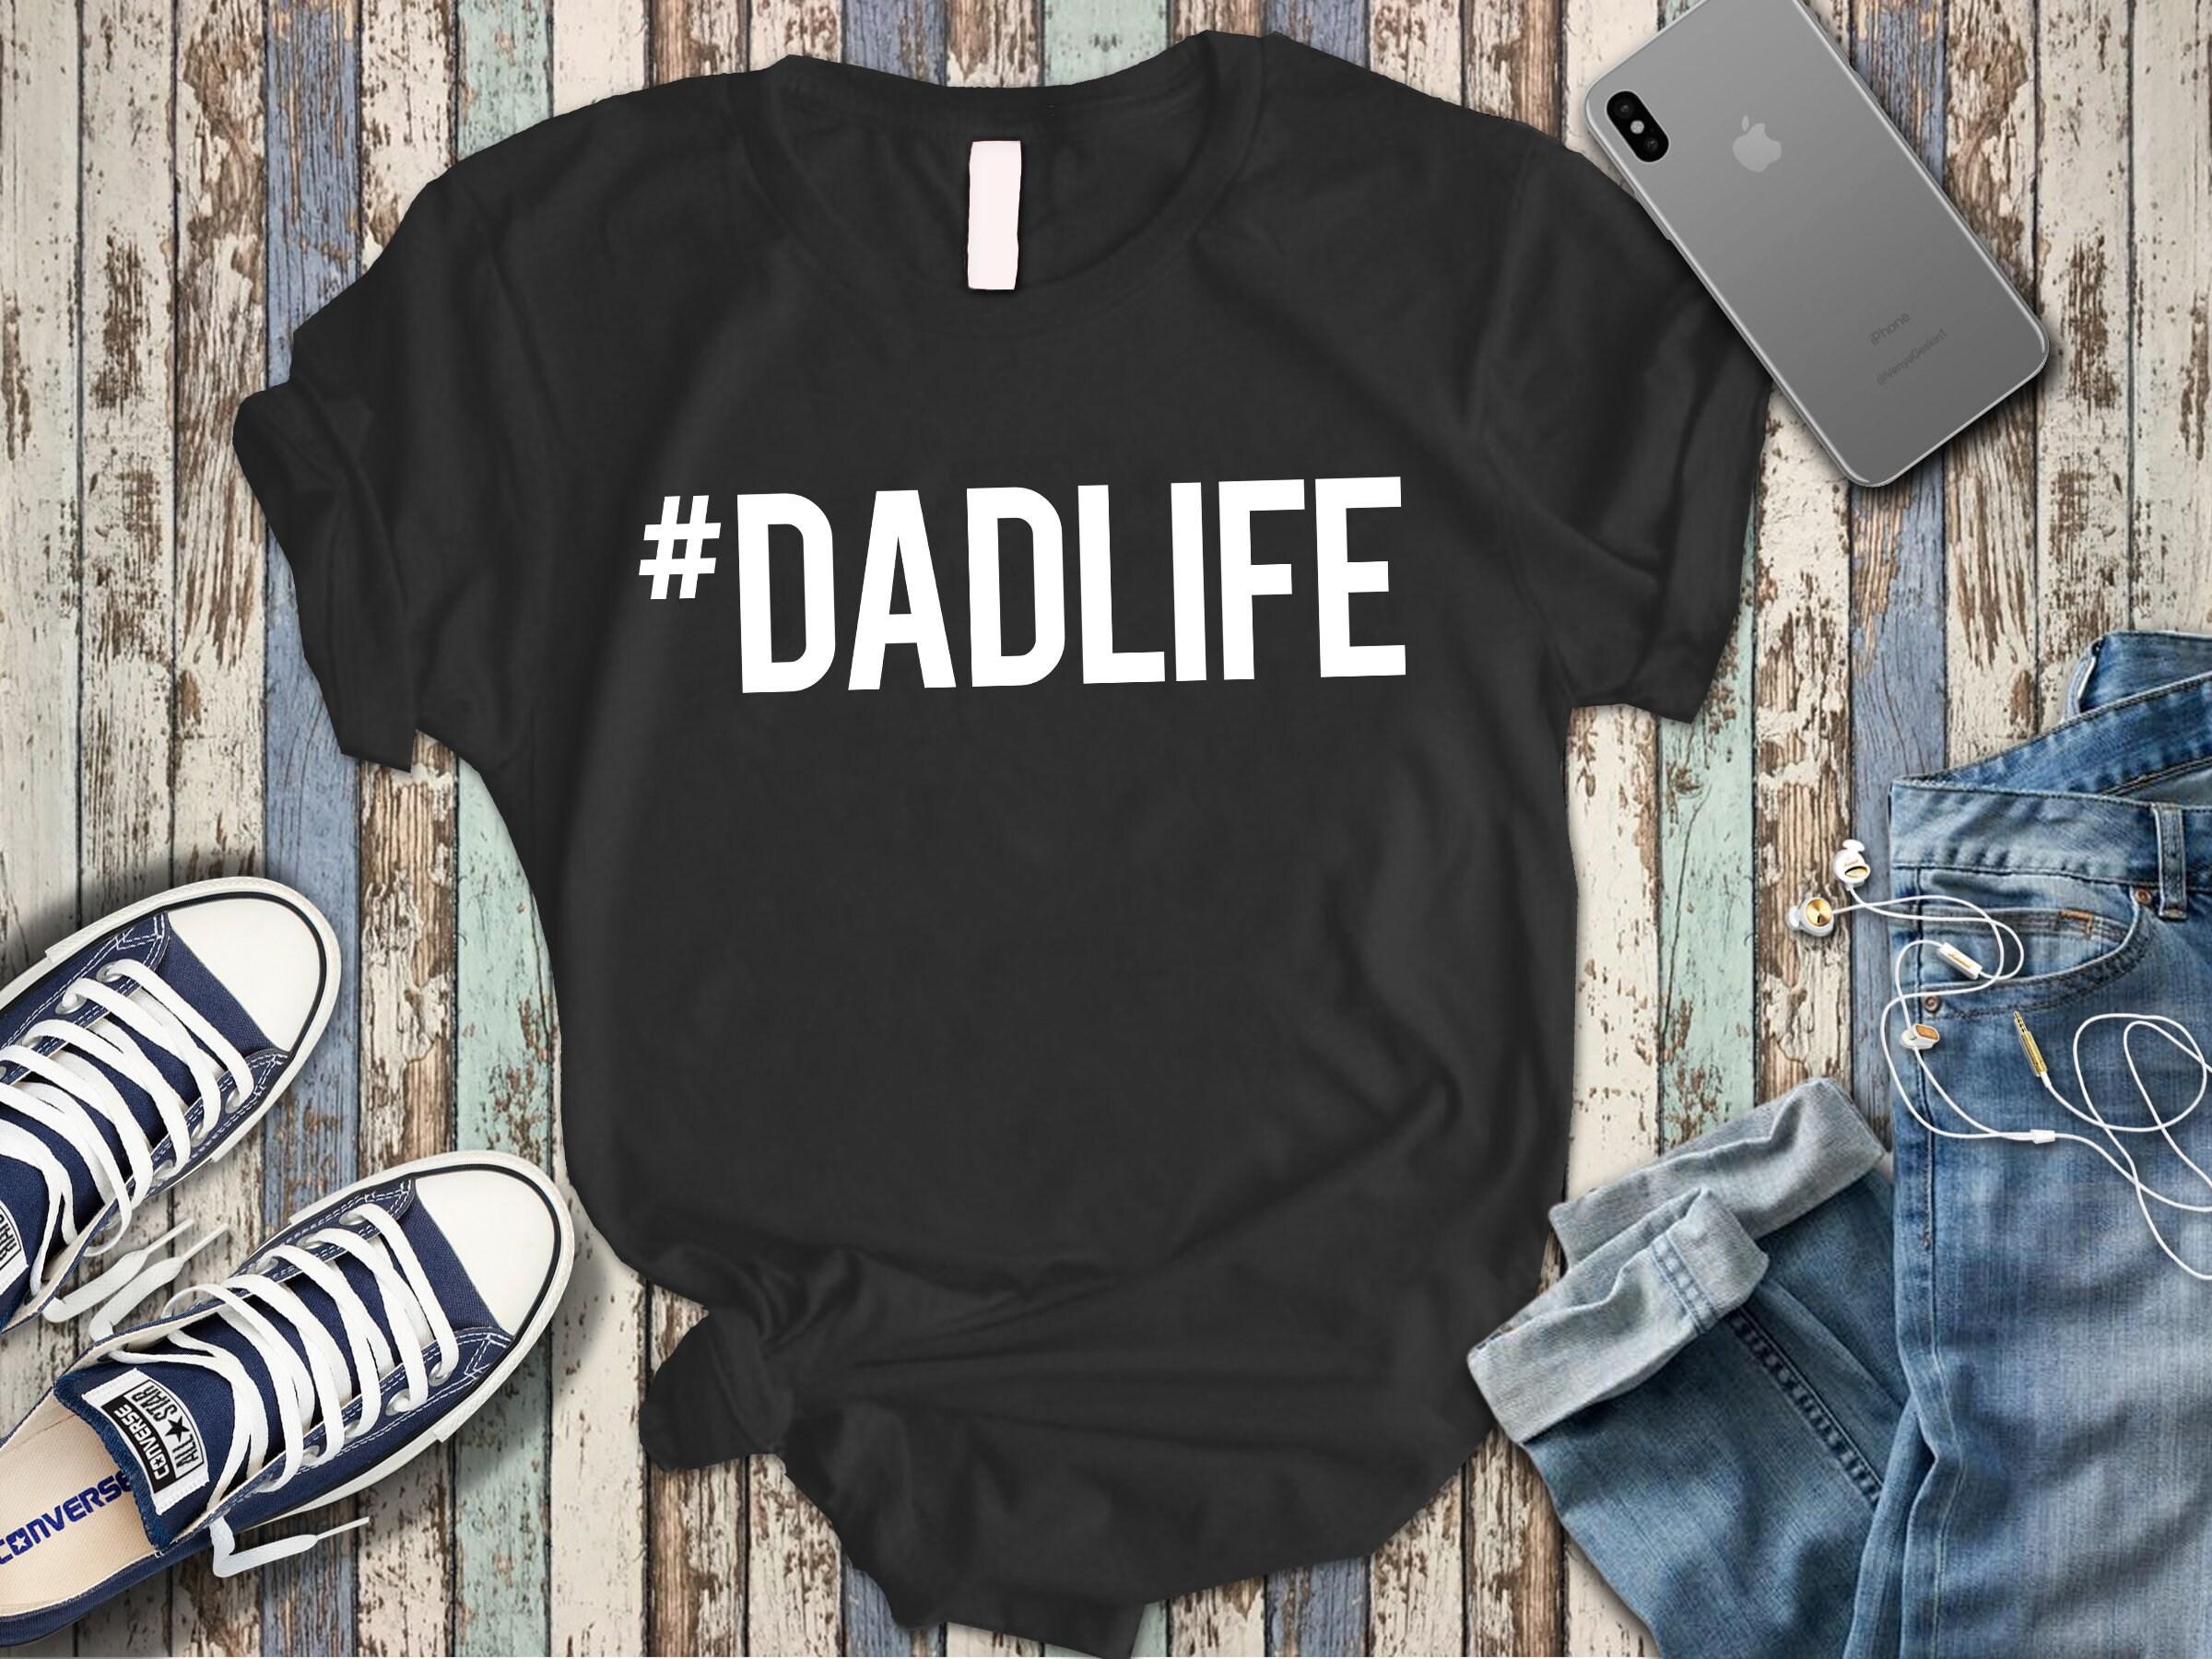 Papa vie / chemise chemise / / débardeur / Hoodie / chemise de papa / nouvelle chemise de papa / cadeau fête des pères / cadeau pour papa / chemise de papa / drôle nouvelle chemise de papa df1c8e